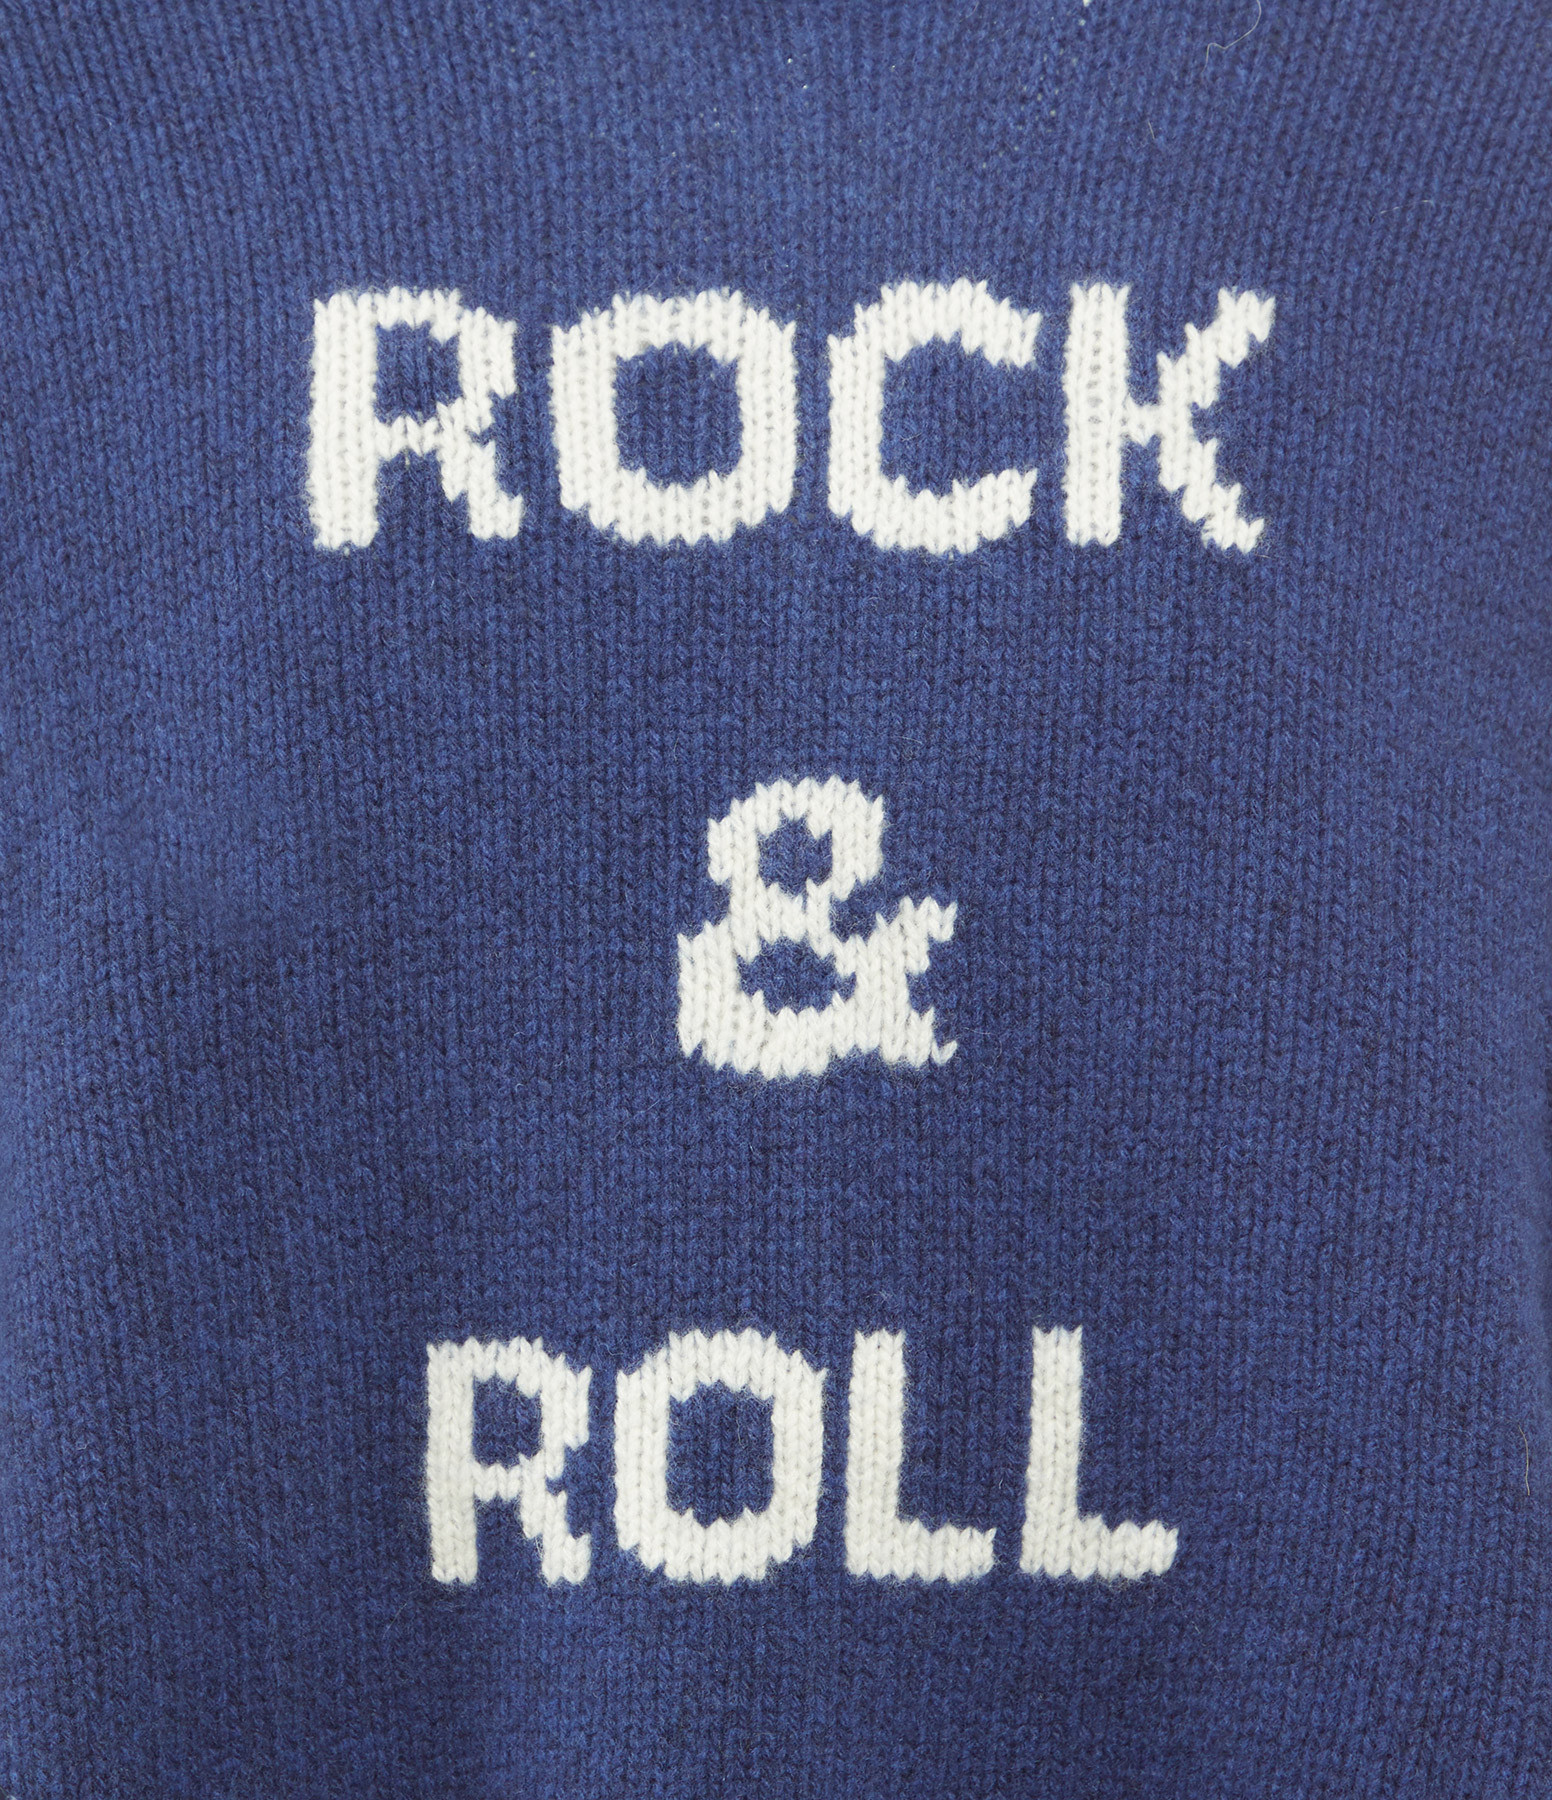 ZADIG & VOLTAIRE - Pull Malta MW Rock  Bleu